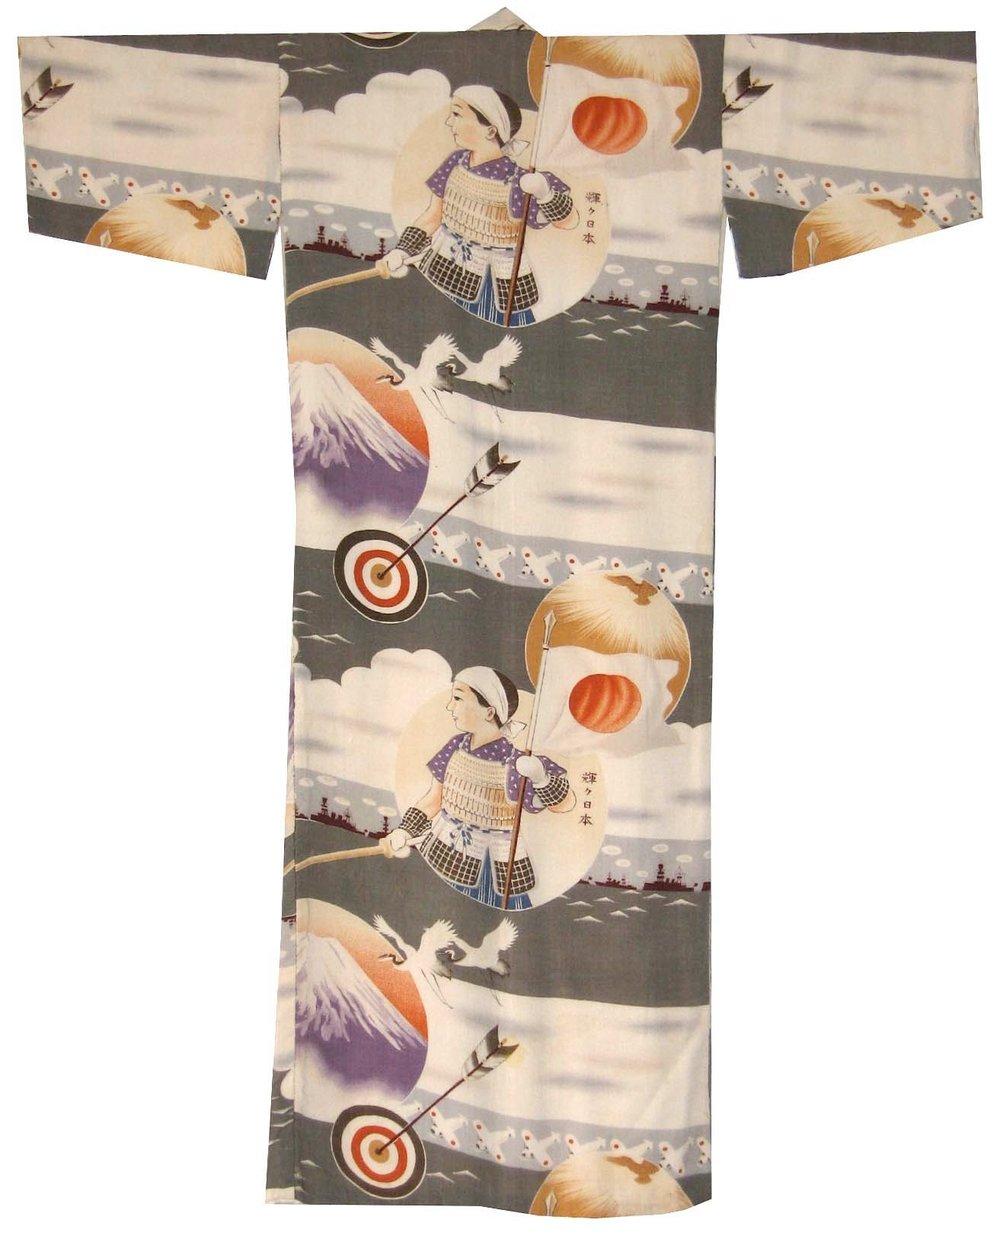 Archer, Boy's Kimono, c. 1940, rayon, 32h x 26w in.